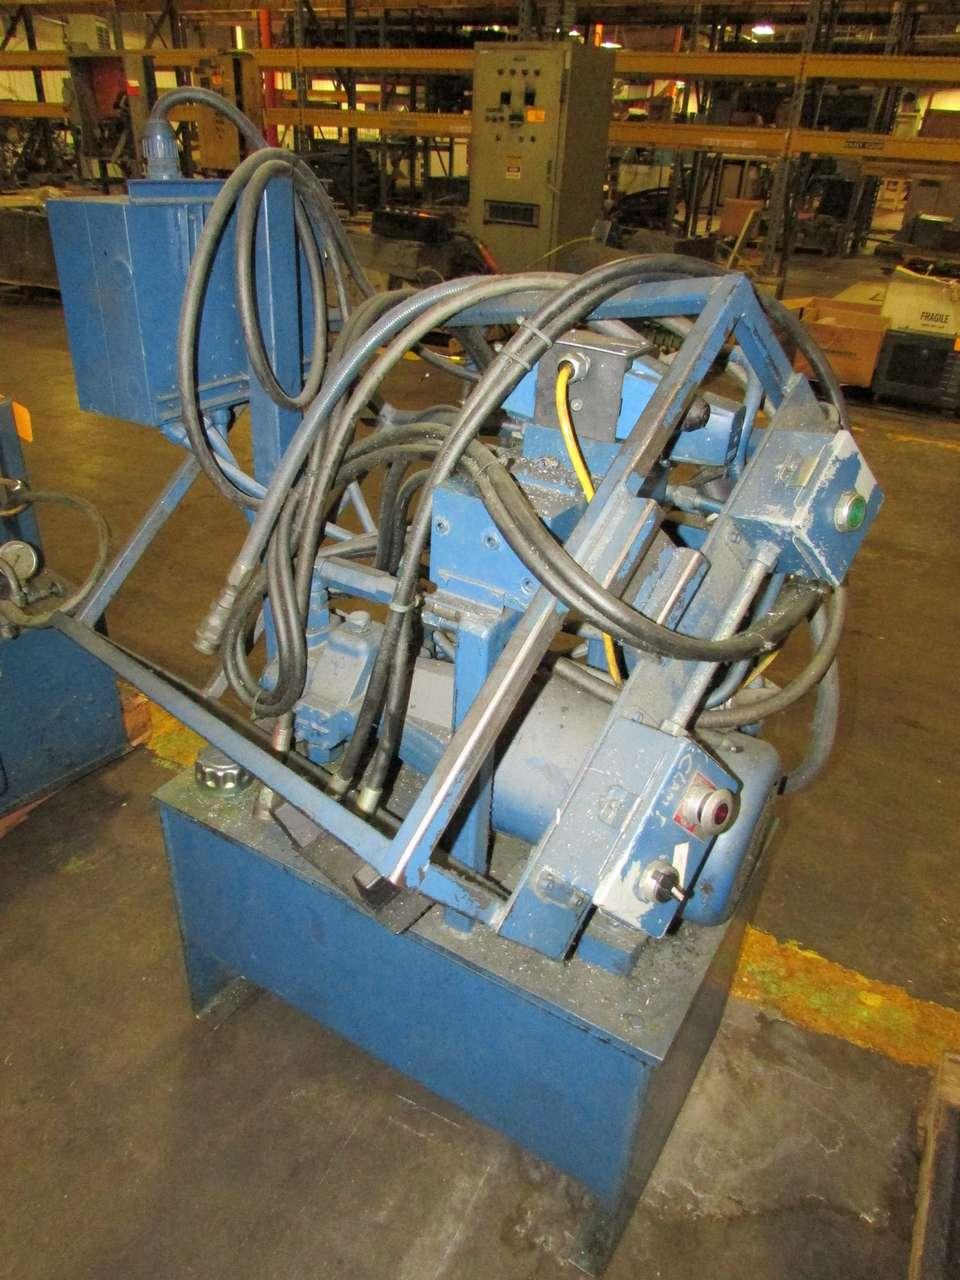 Lot 39 - Engineered Hydraulics 46AW 3HP Hydraulic Power Unit